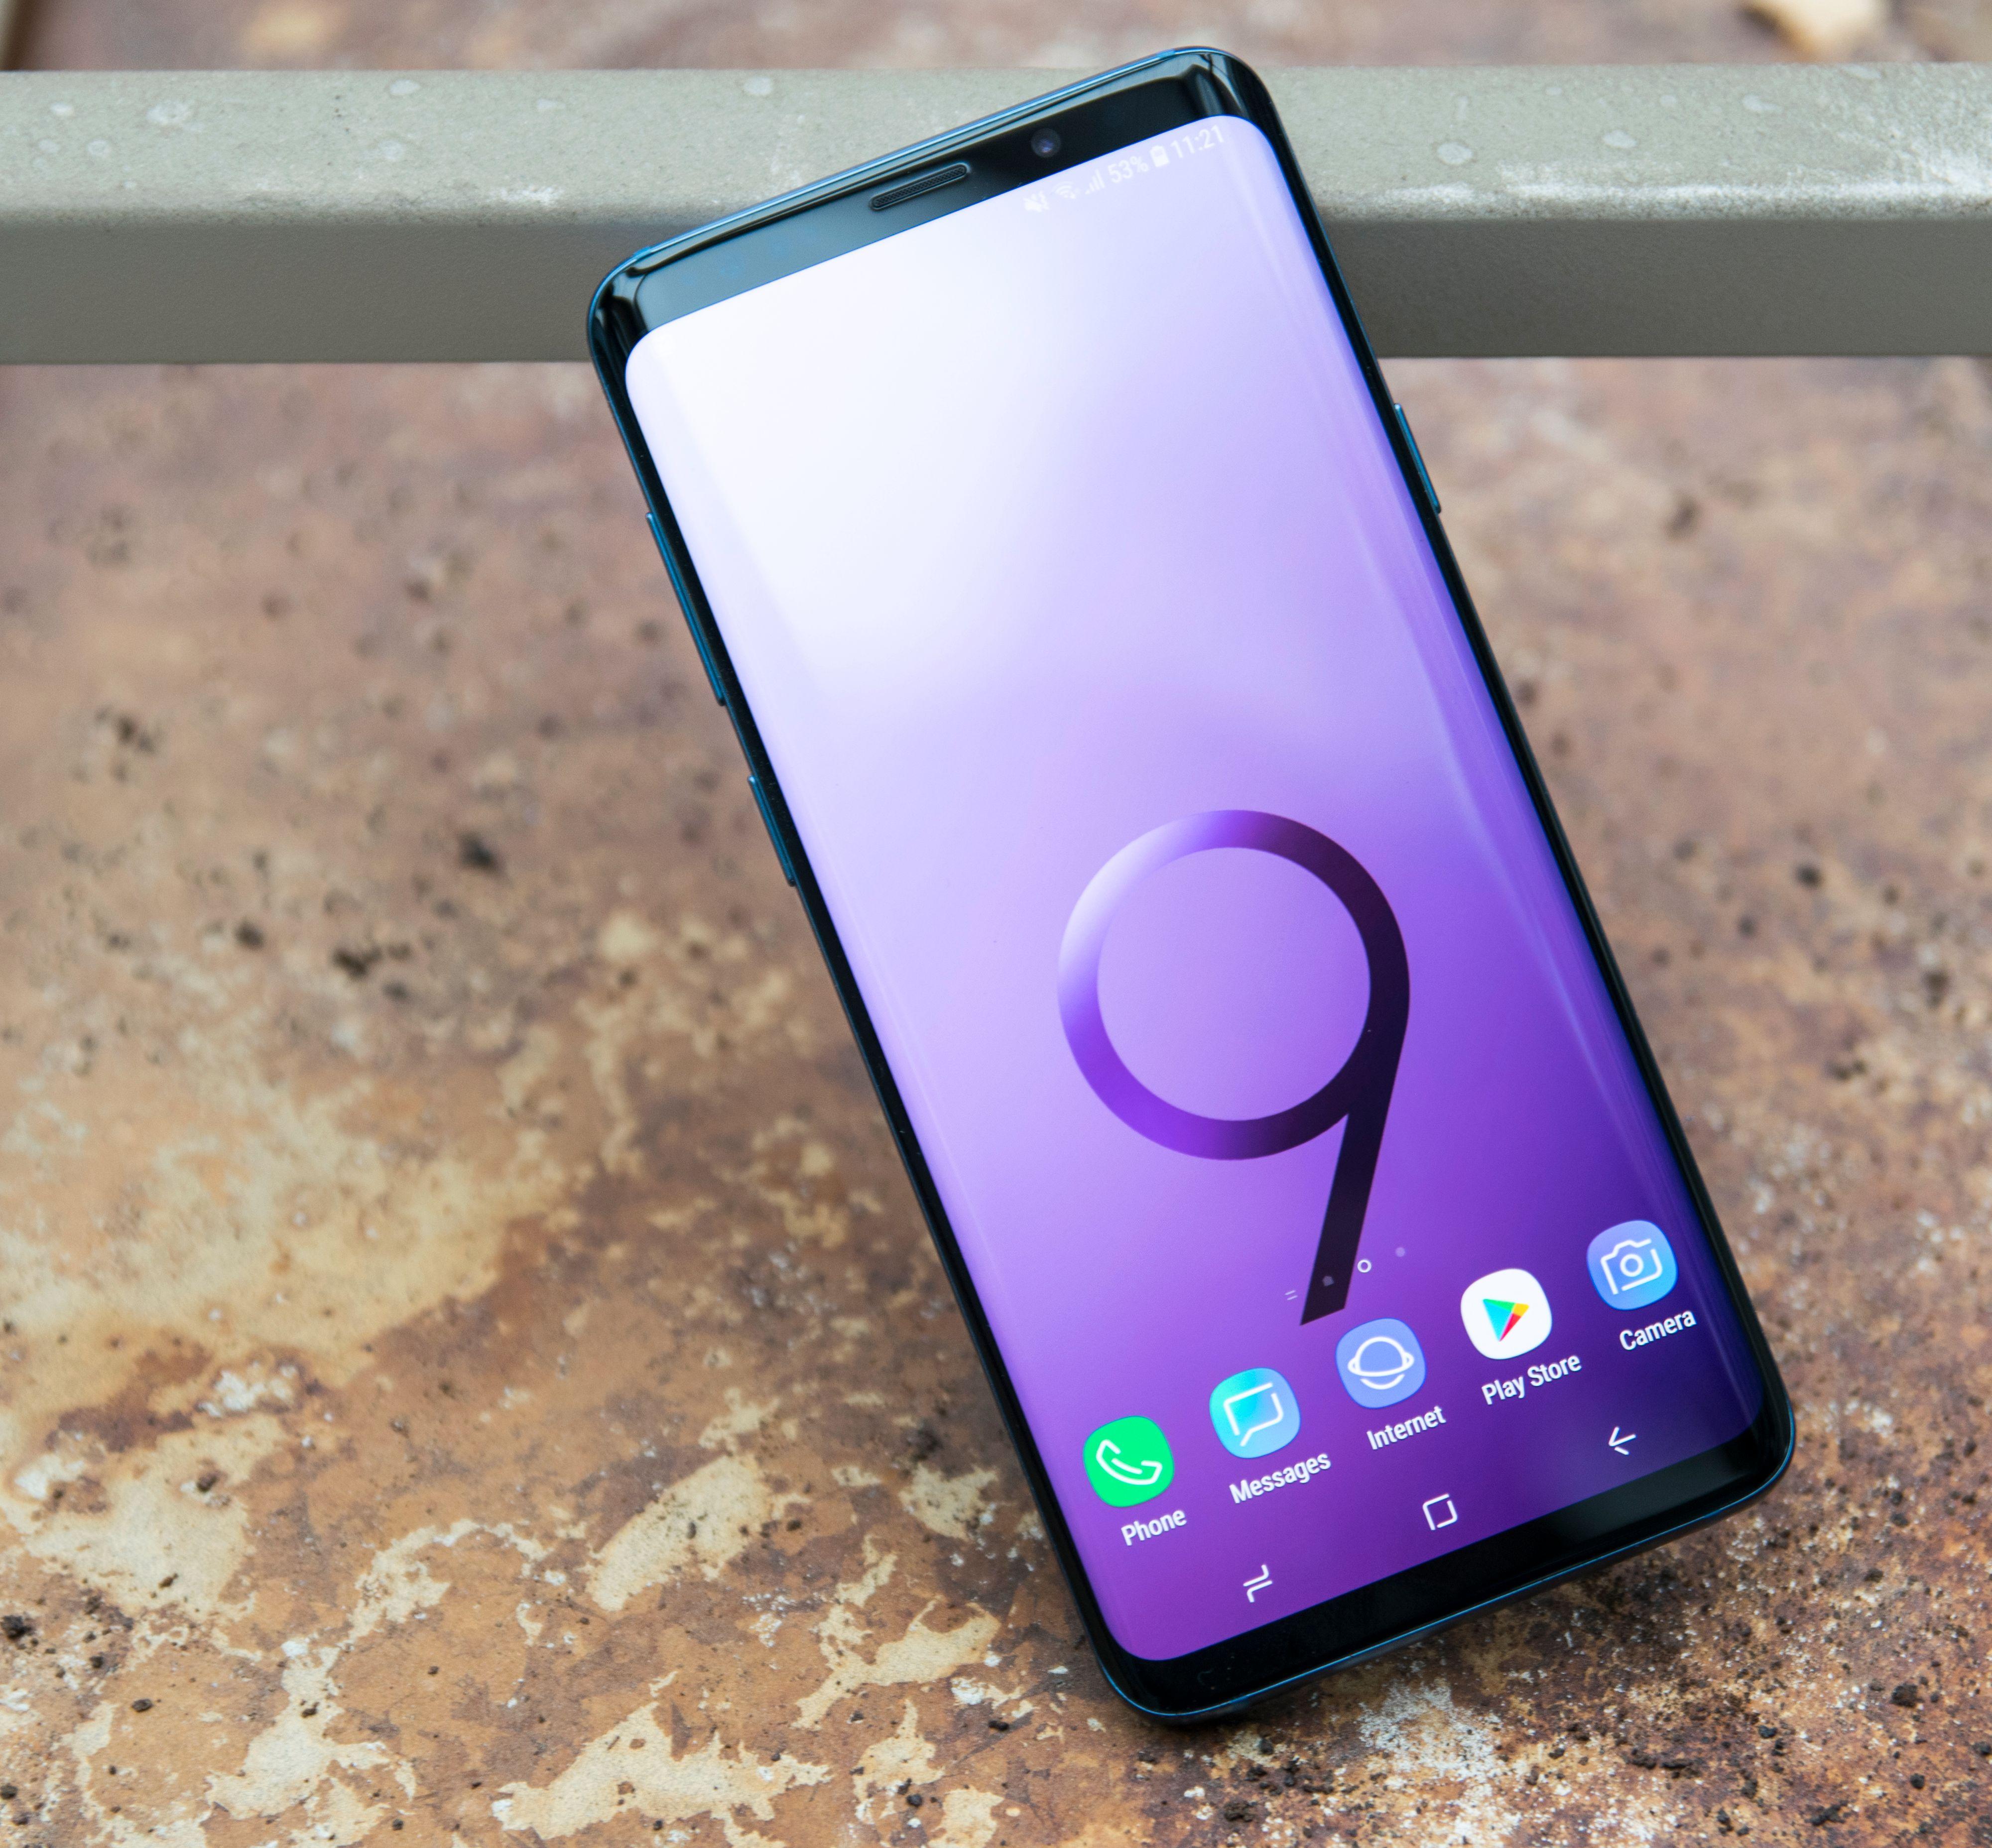 Samsung Galaxy S9 kom samlet sett best ut av Testfaktas test, som altså kun tar for seg kulde, støt, vann og batterilading.